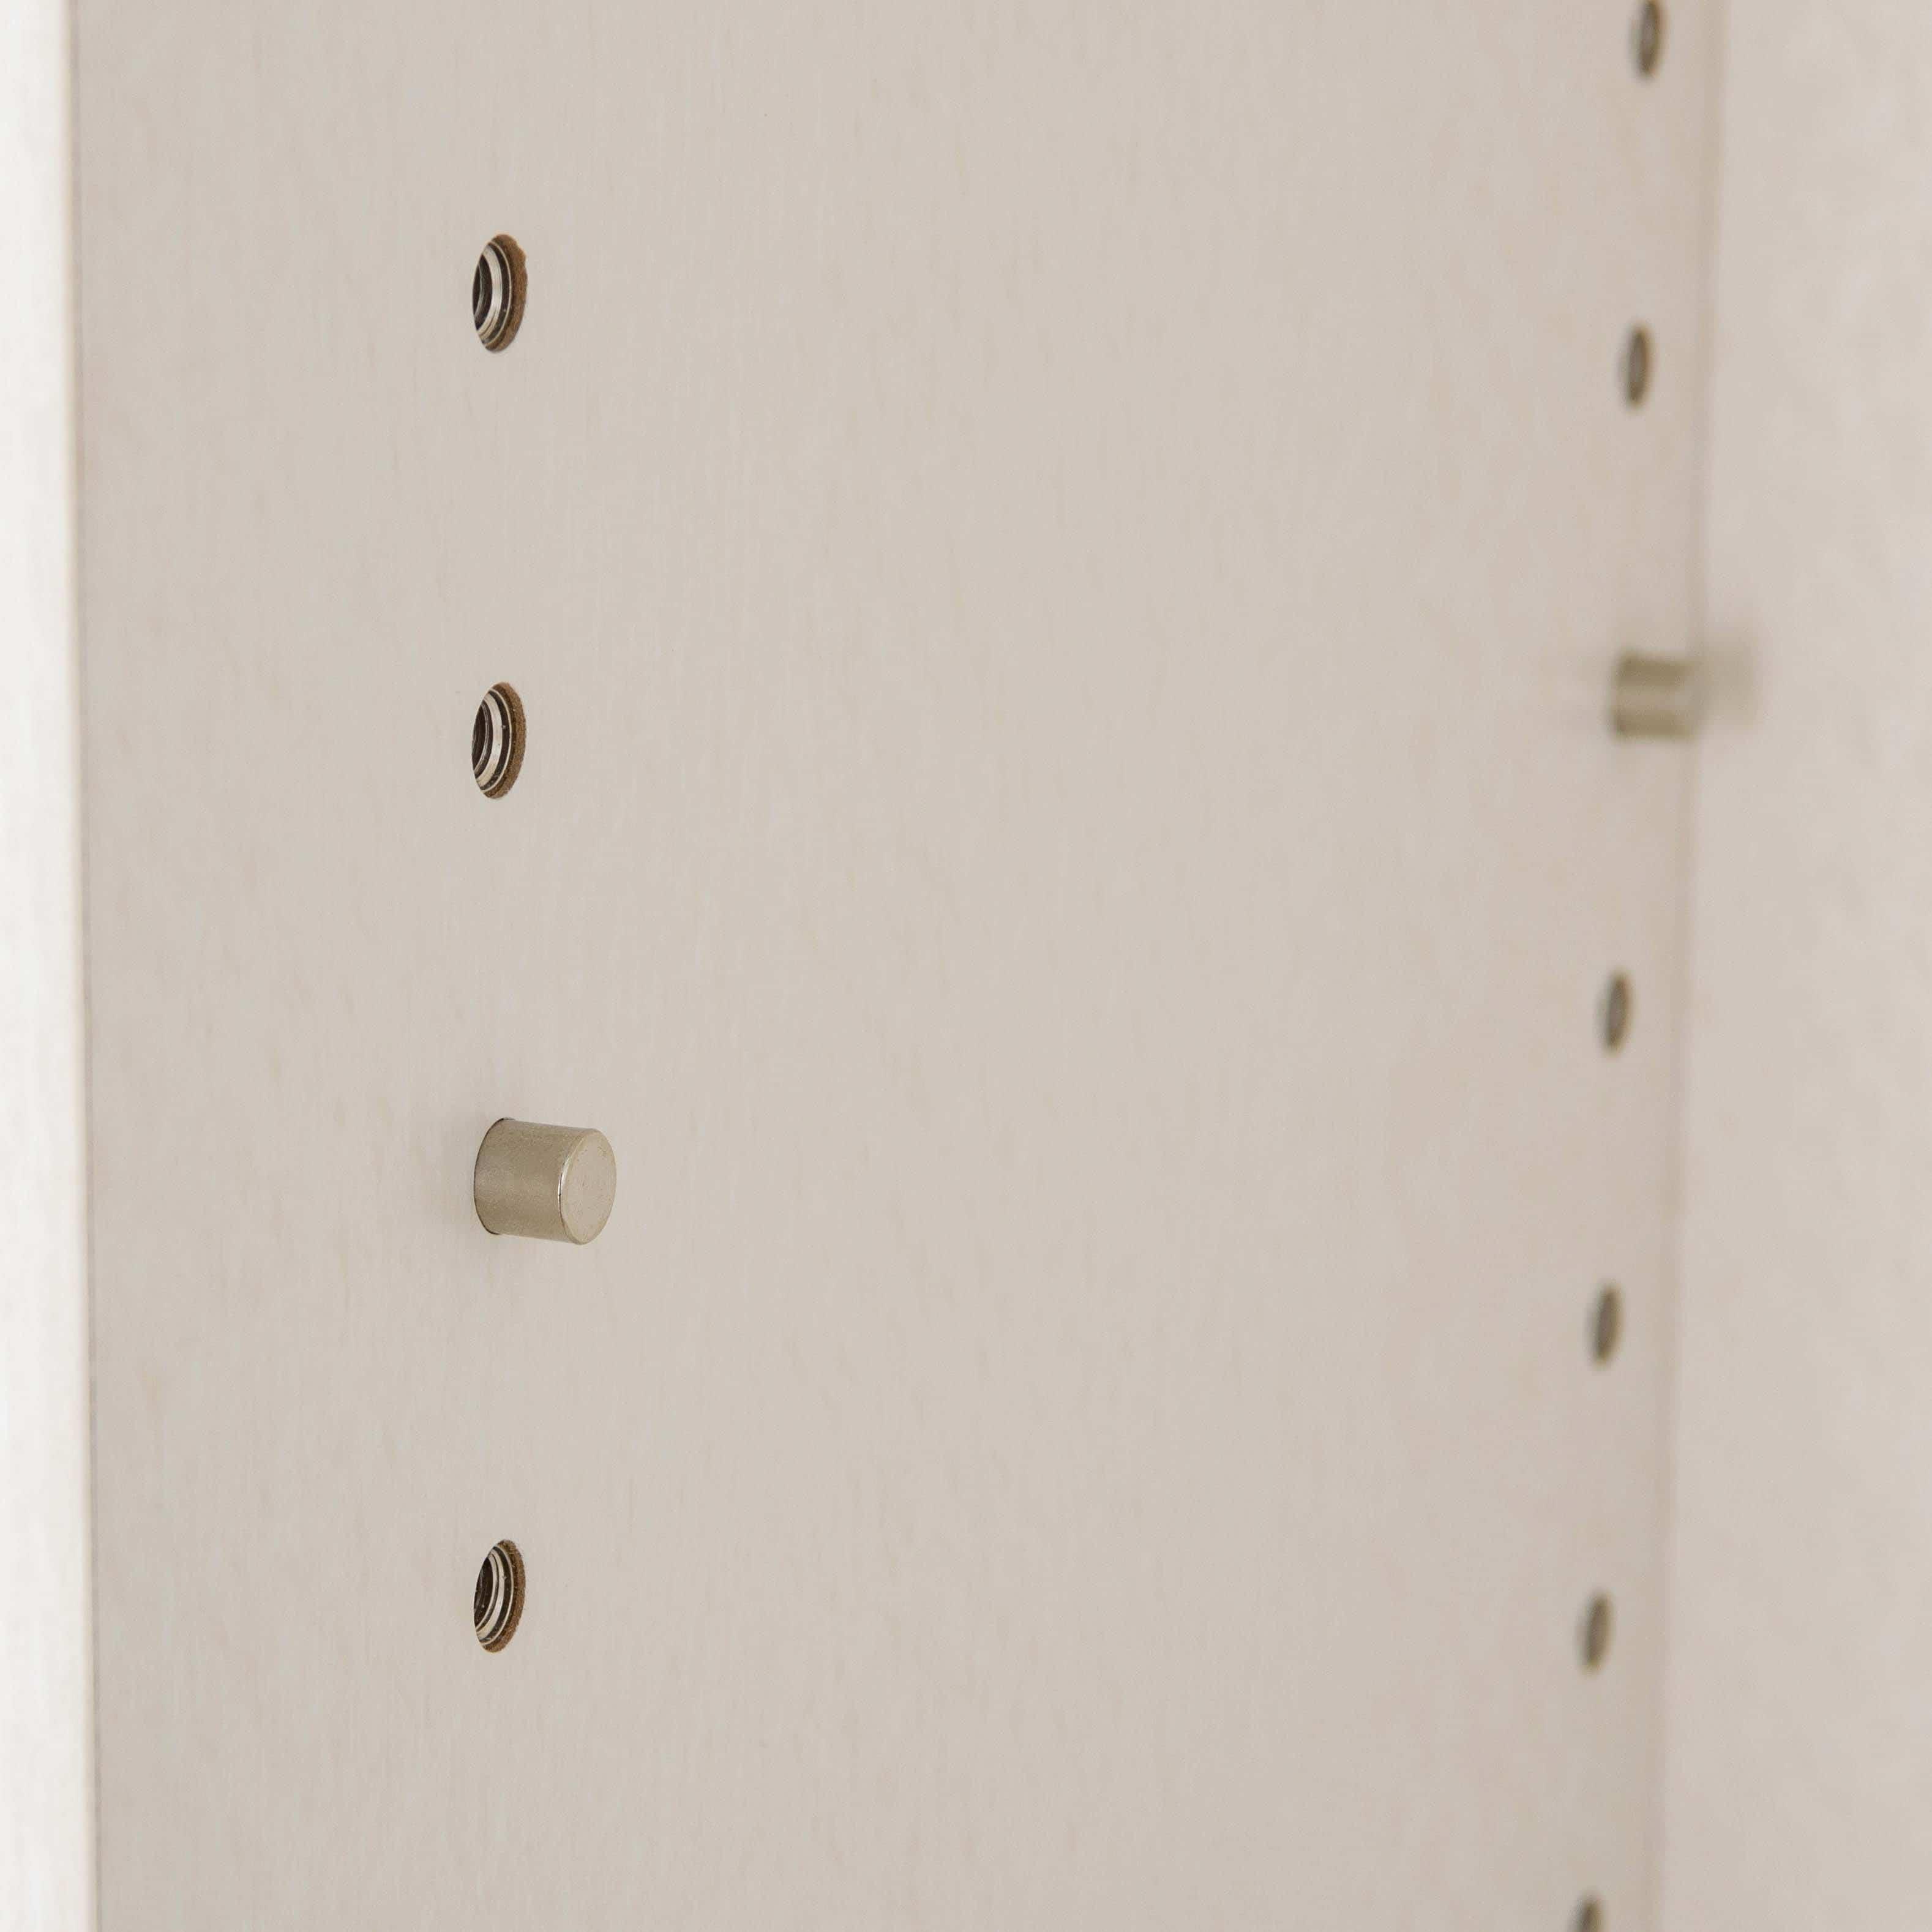 小島工芸 書棚 アコード120H(ウォールモカ):キレイに収まる魅せる収納